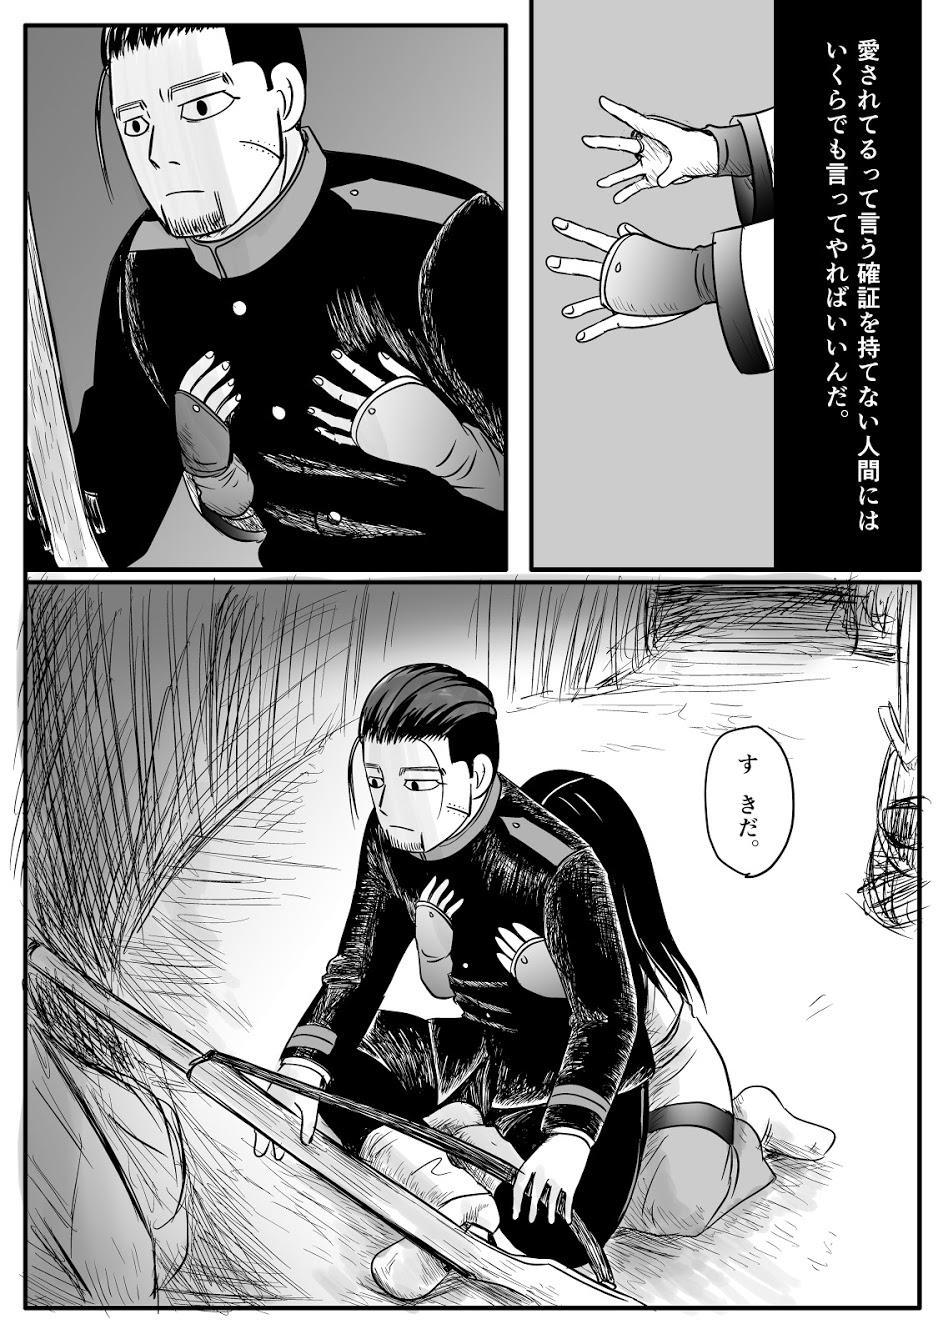 Toko no Koto 55